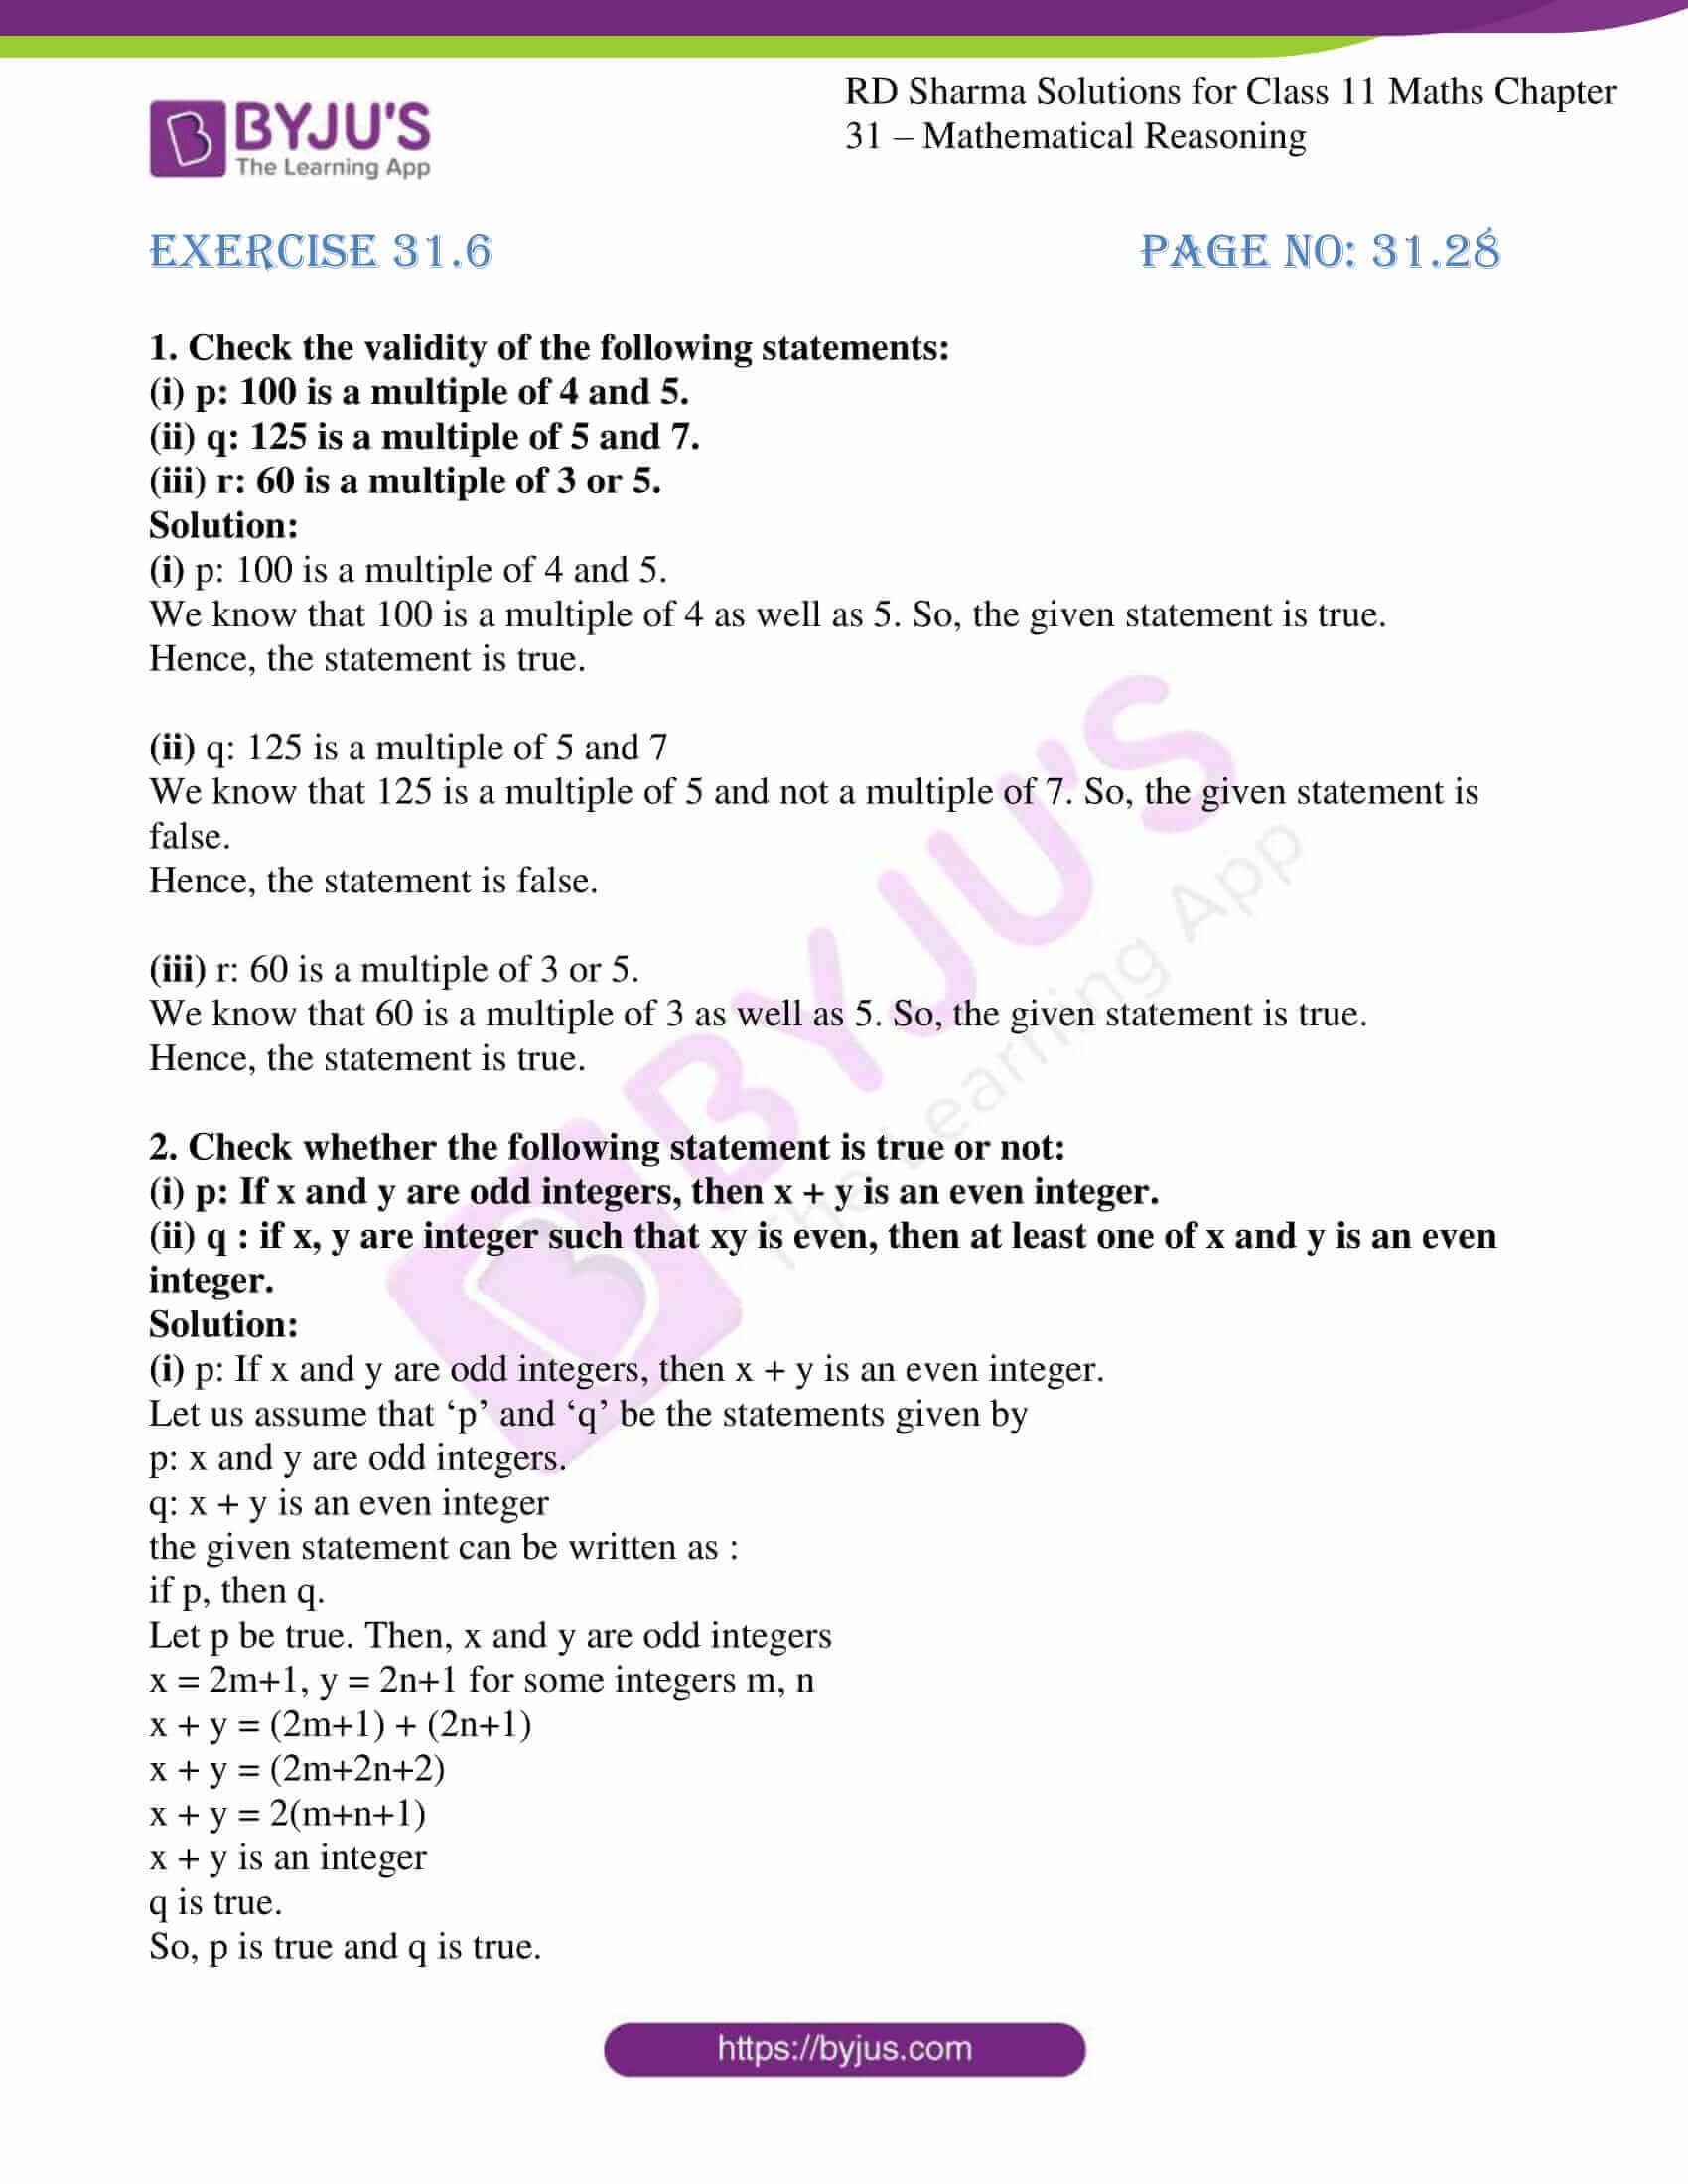 rd sharma class 11 maths chapter 31 ex 6 1